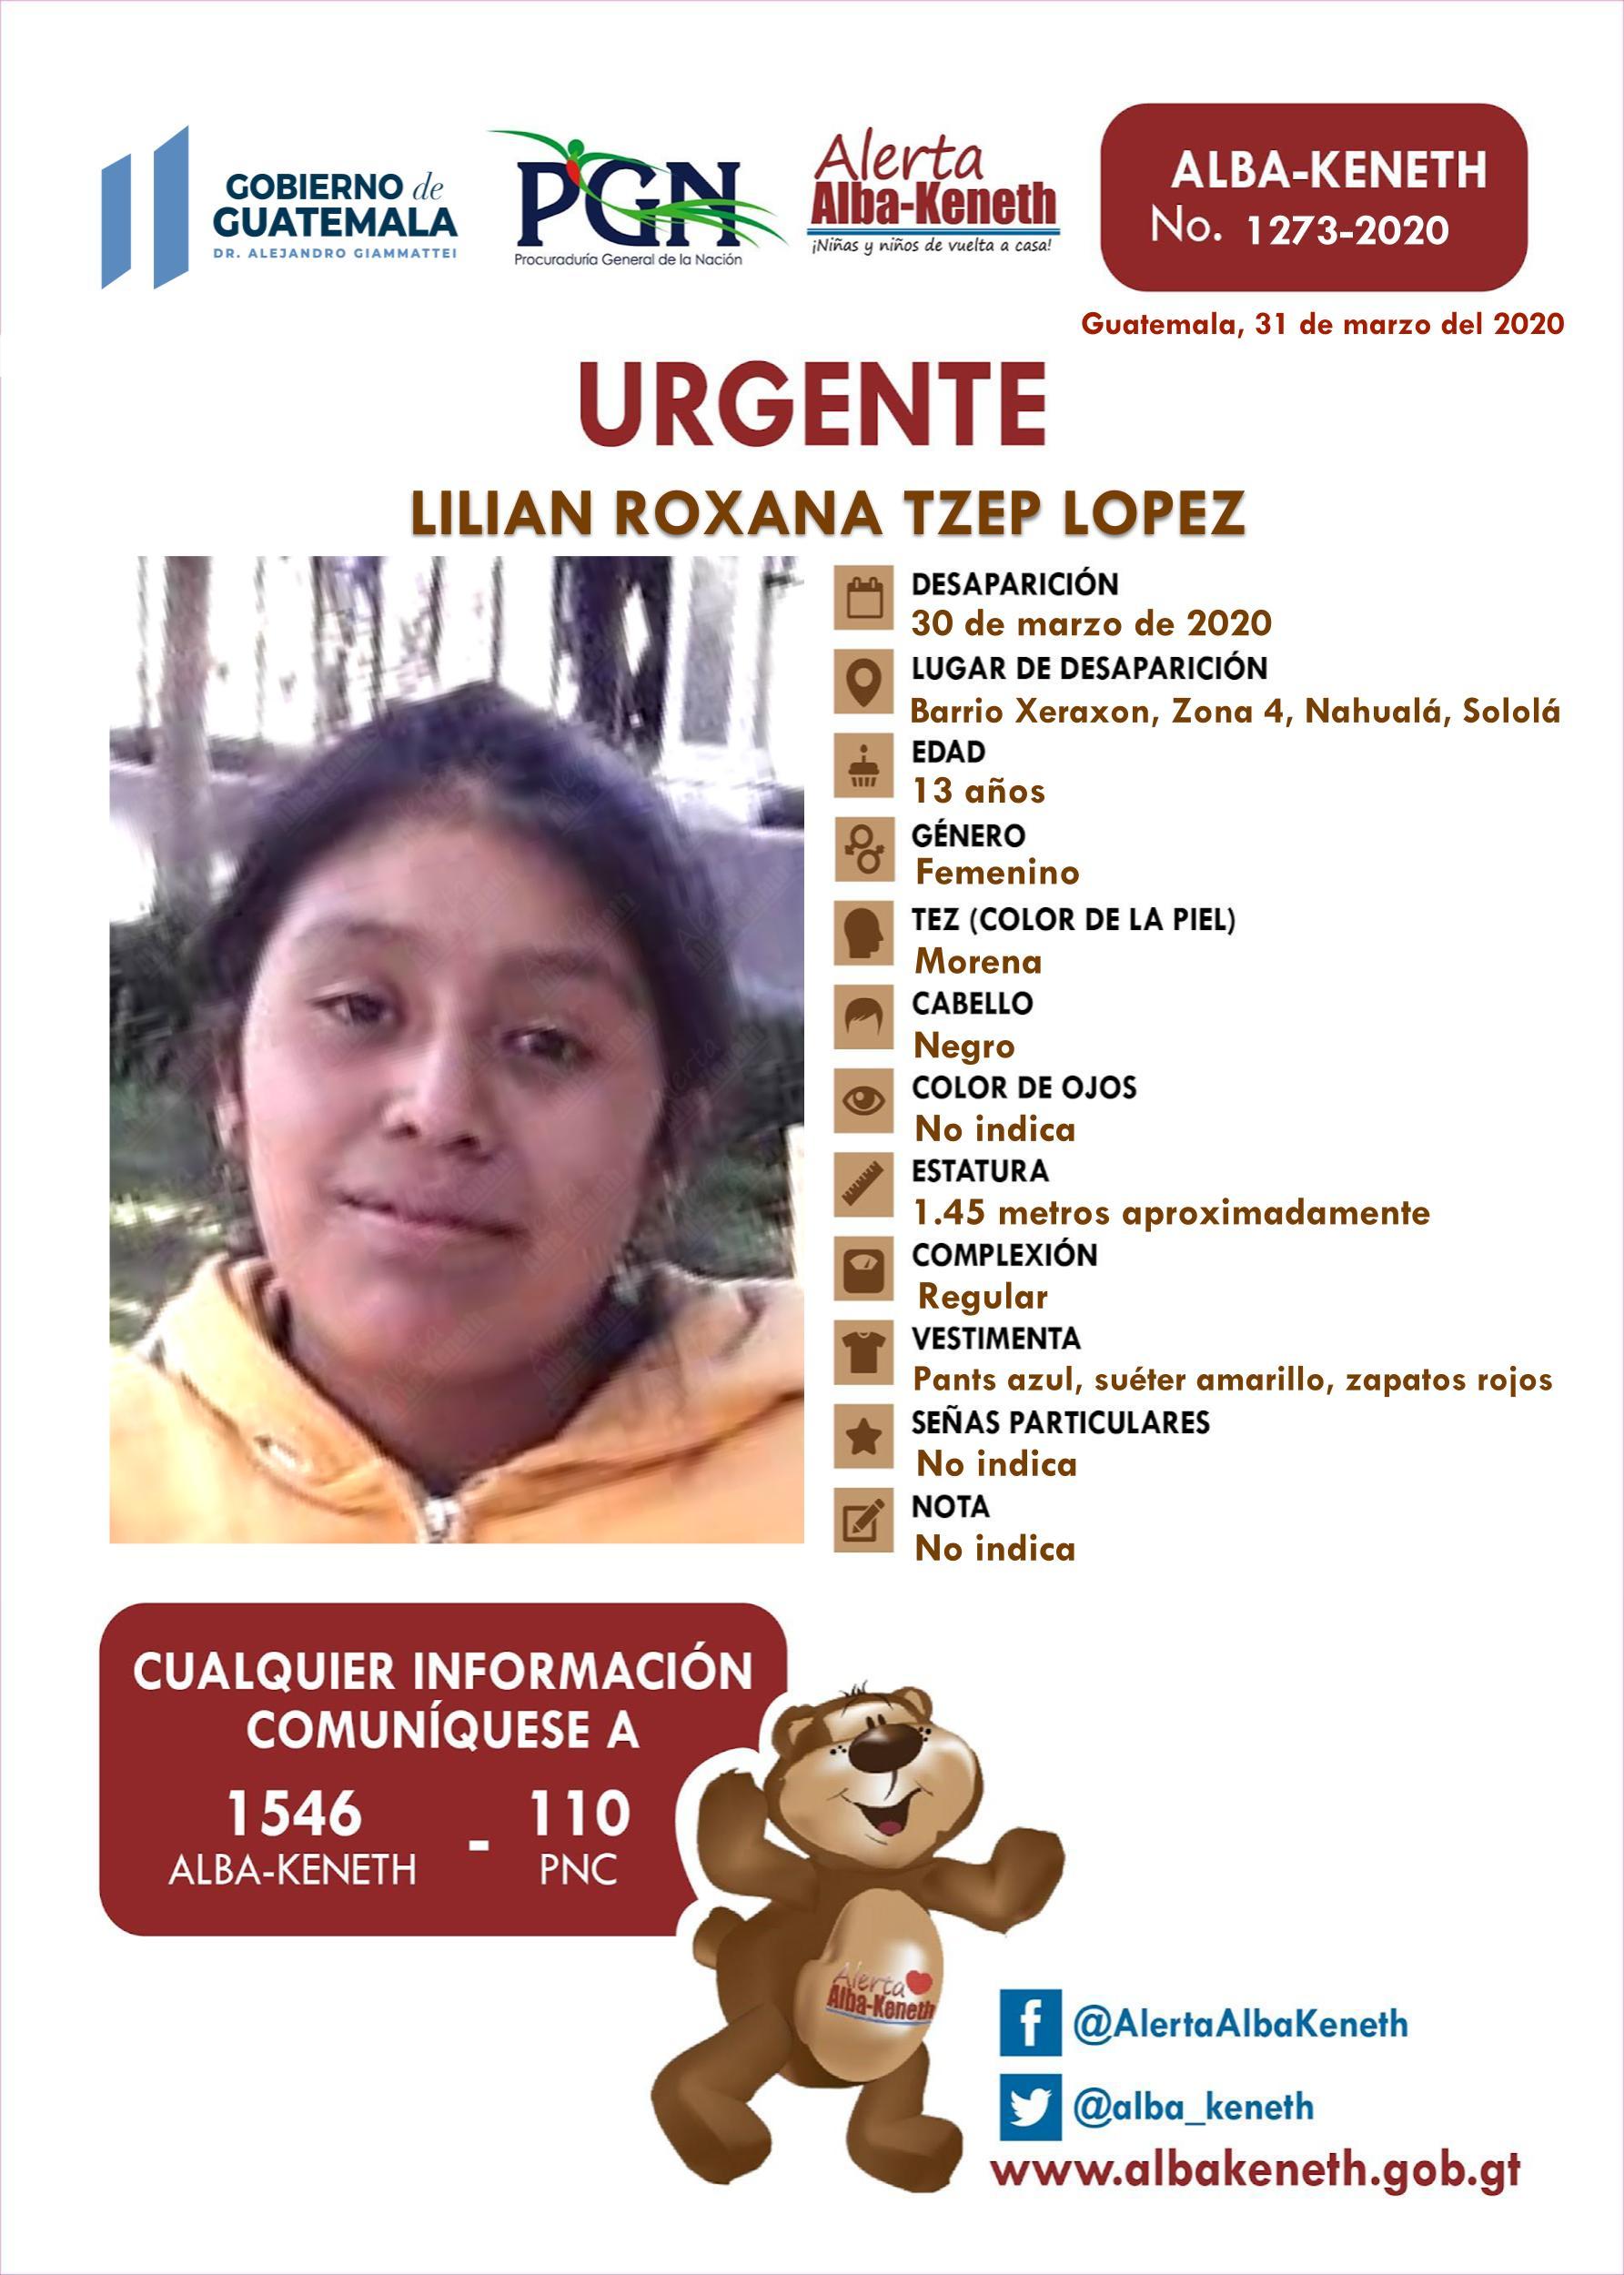 Lilian Roxana Tzep Lopez